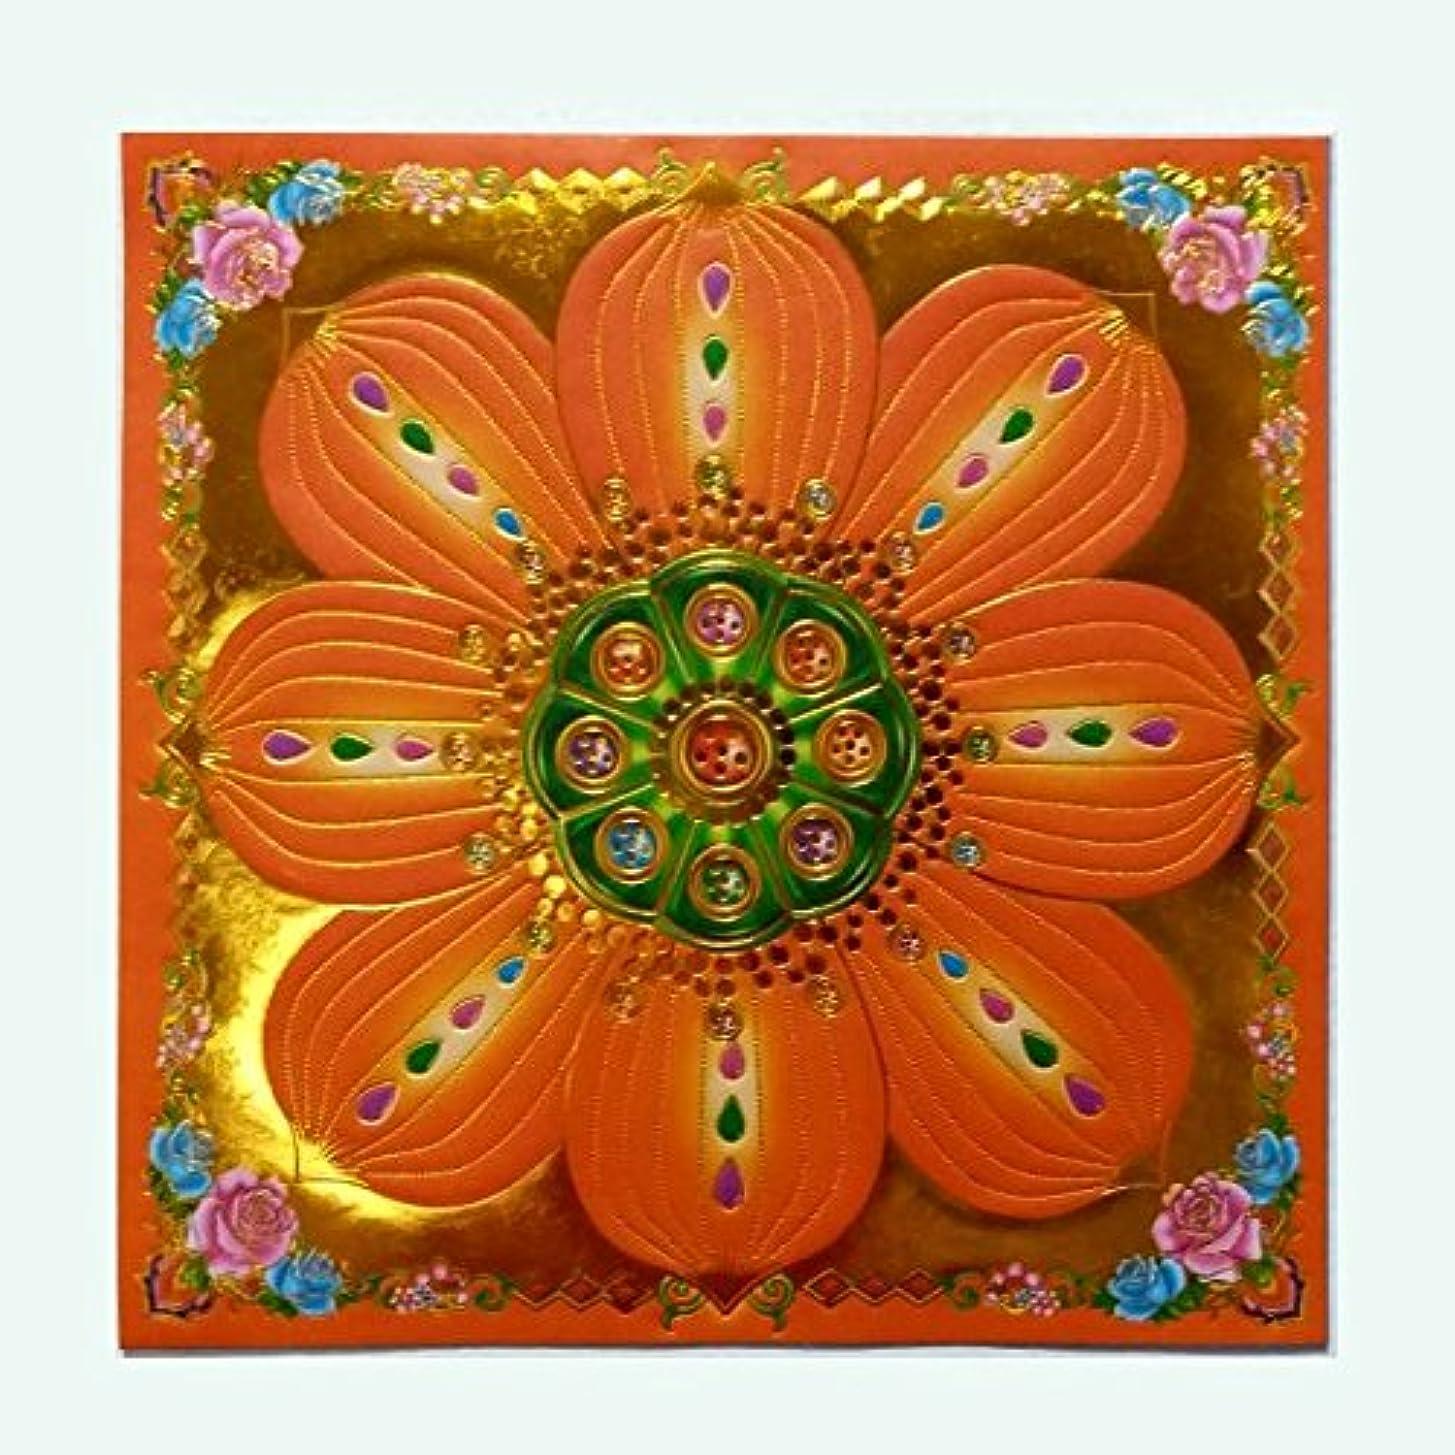 責任ギャンブル伝導40pcs Incense用紙/Joss用紙ハイグレードカラフルwithゴールドの箔Sサイズの祖先Praying 7.5インチx 7.5インチ(オレンジ)